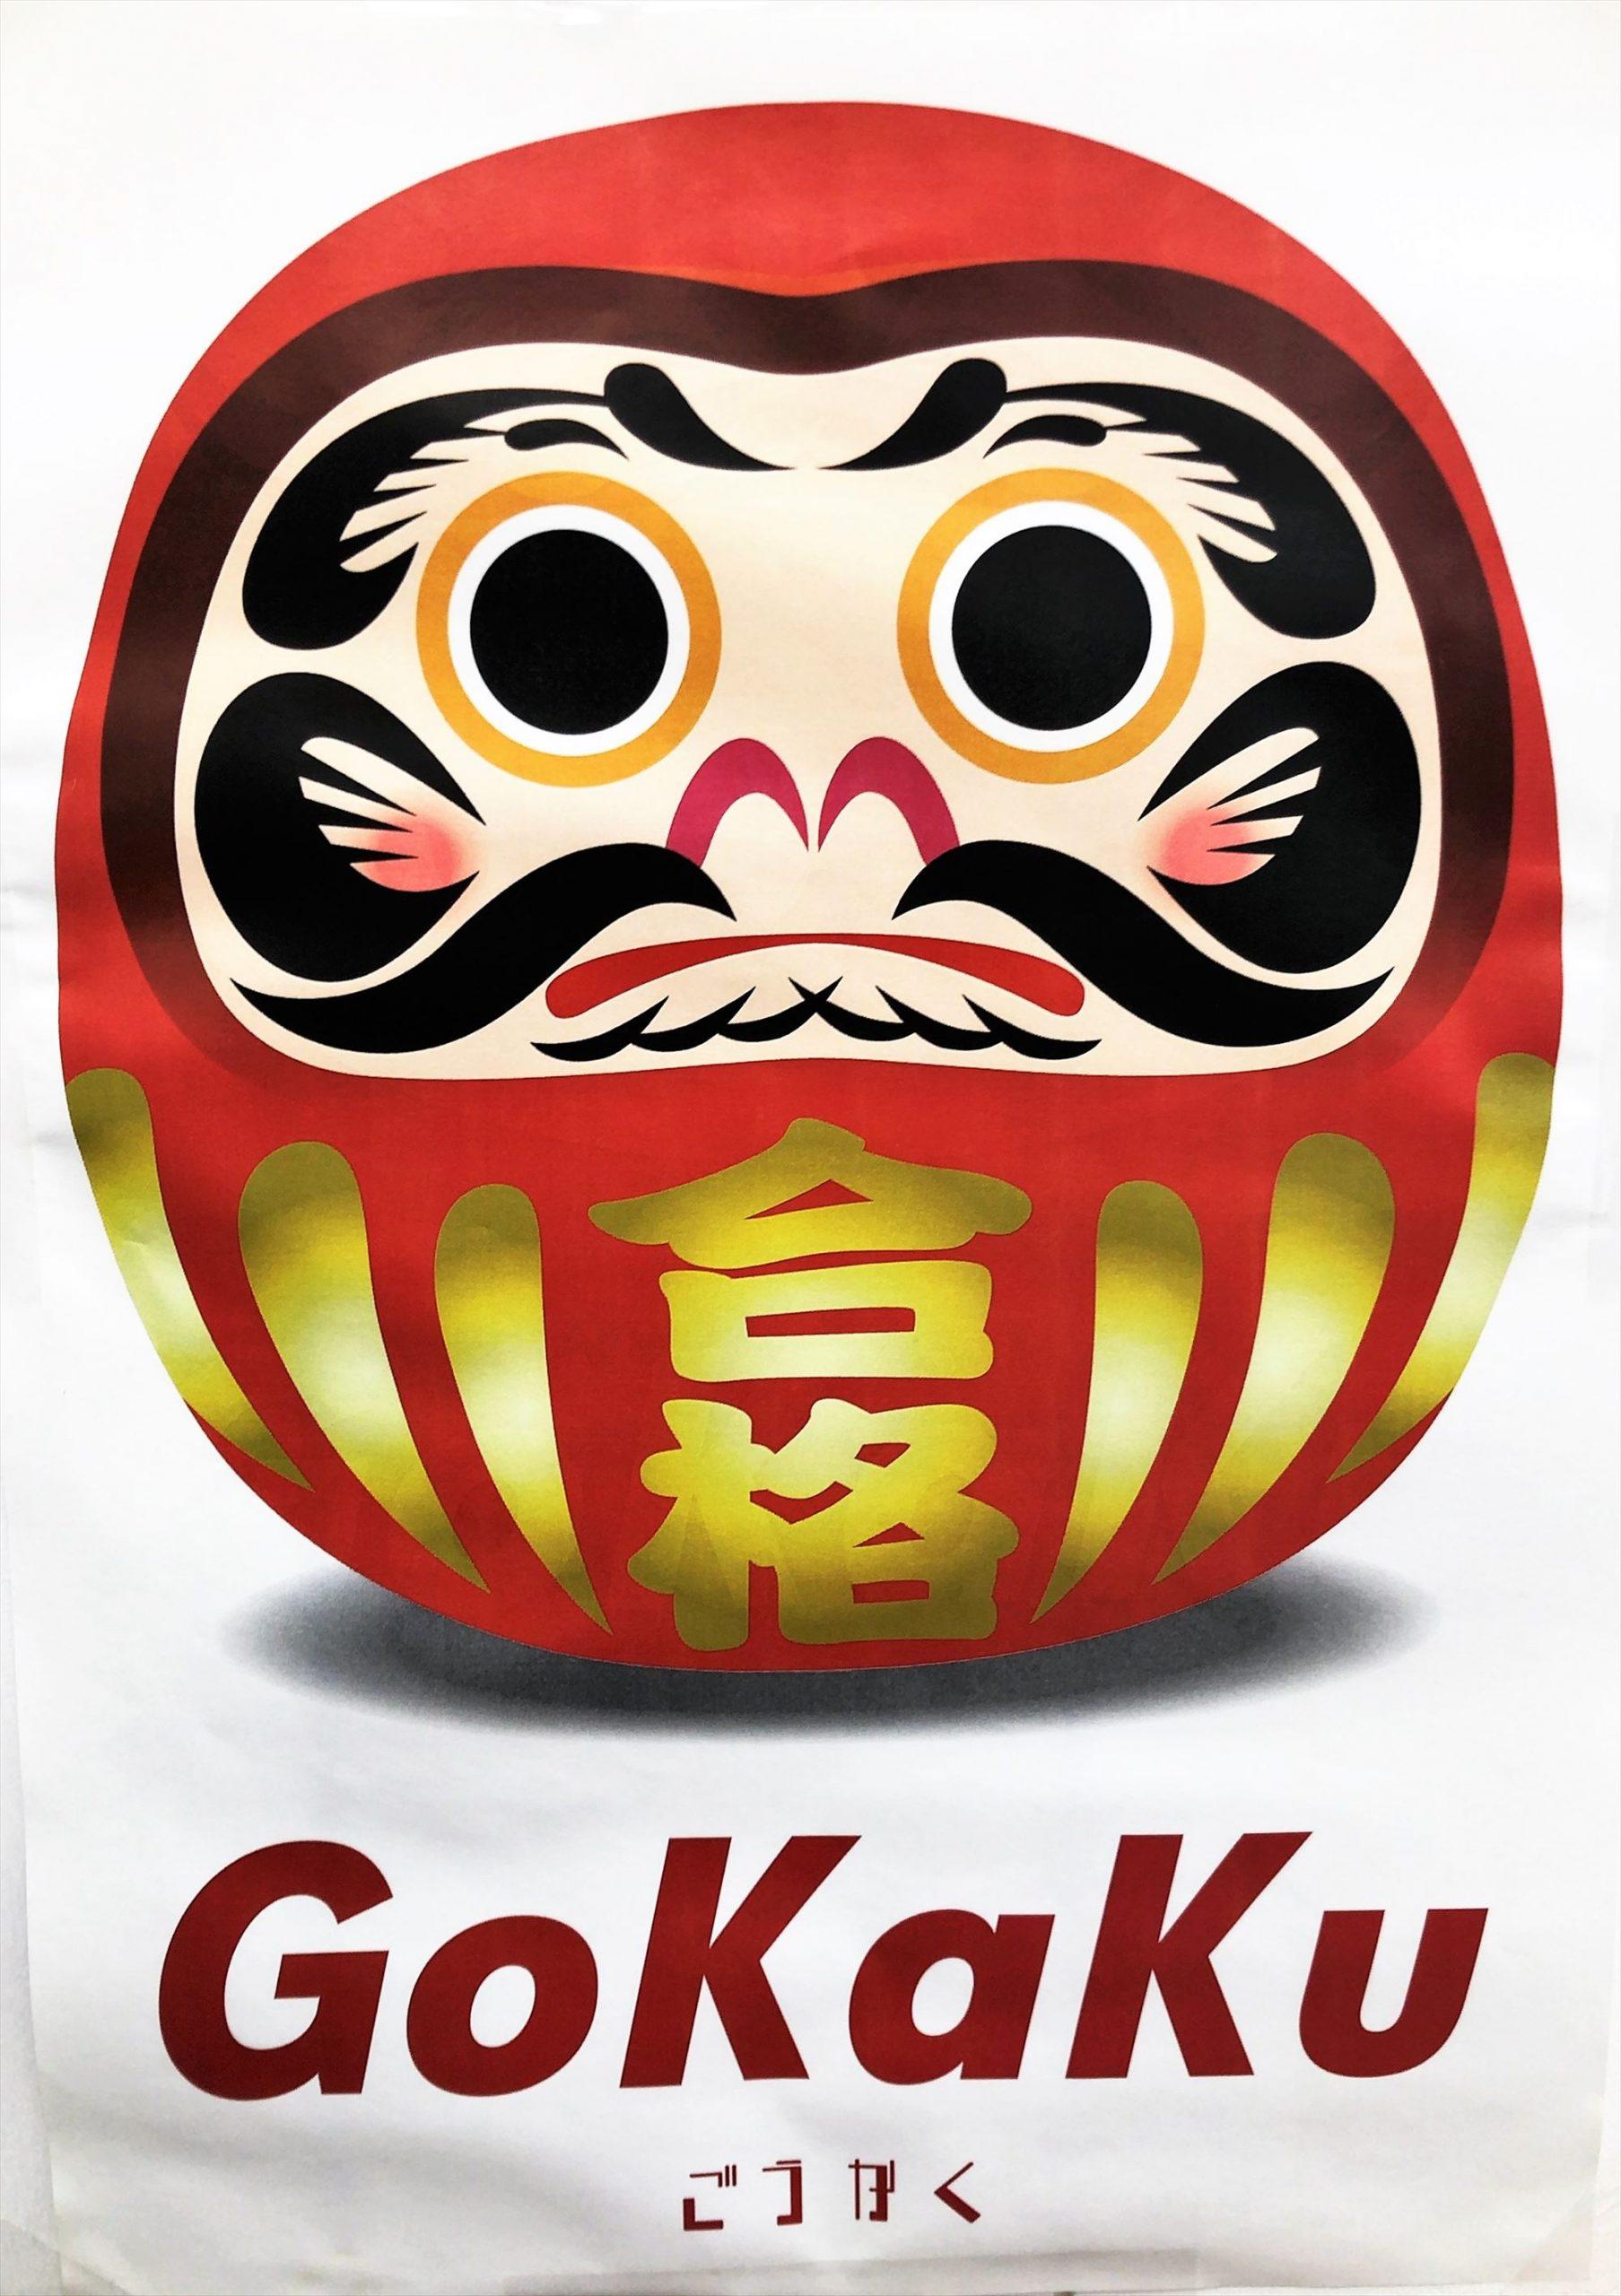 ませそばあぶらそば専門店 GoKaKuの案内